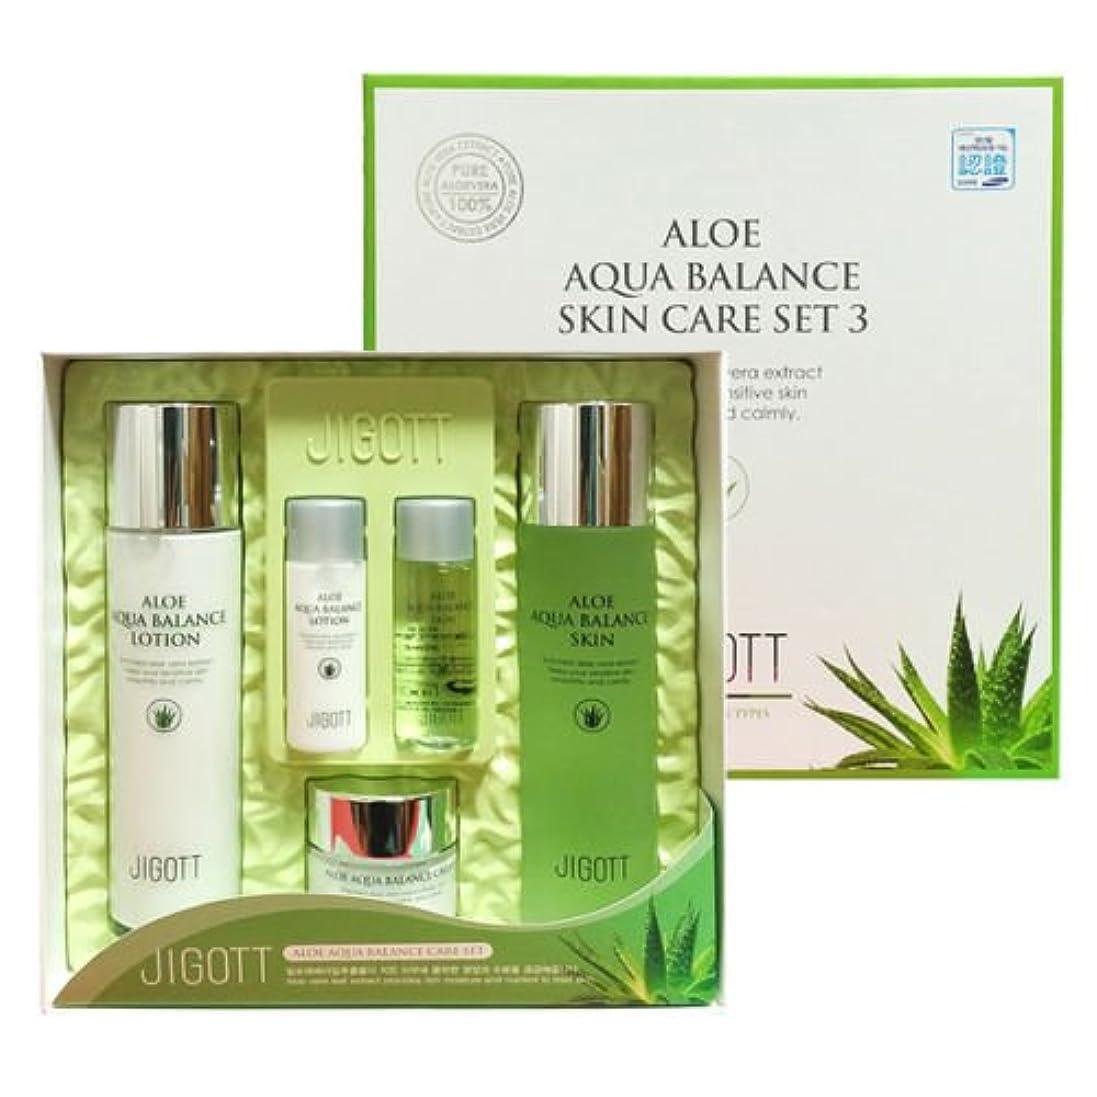 タイマーバンジージャンプ去るジゴトゥ[韓国コスメJigott]Aloe Aqua Balance Skin Care 3 Set アロエアクアバランススキンケア3セット樹液,乳液,クリーム [並行輸入品]